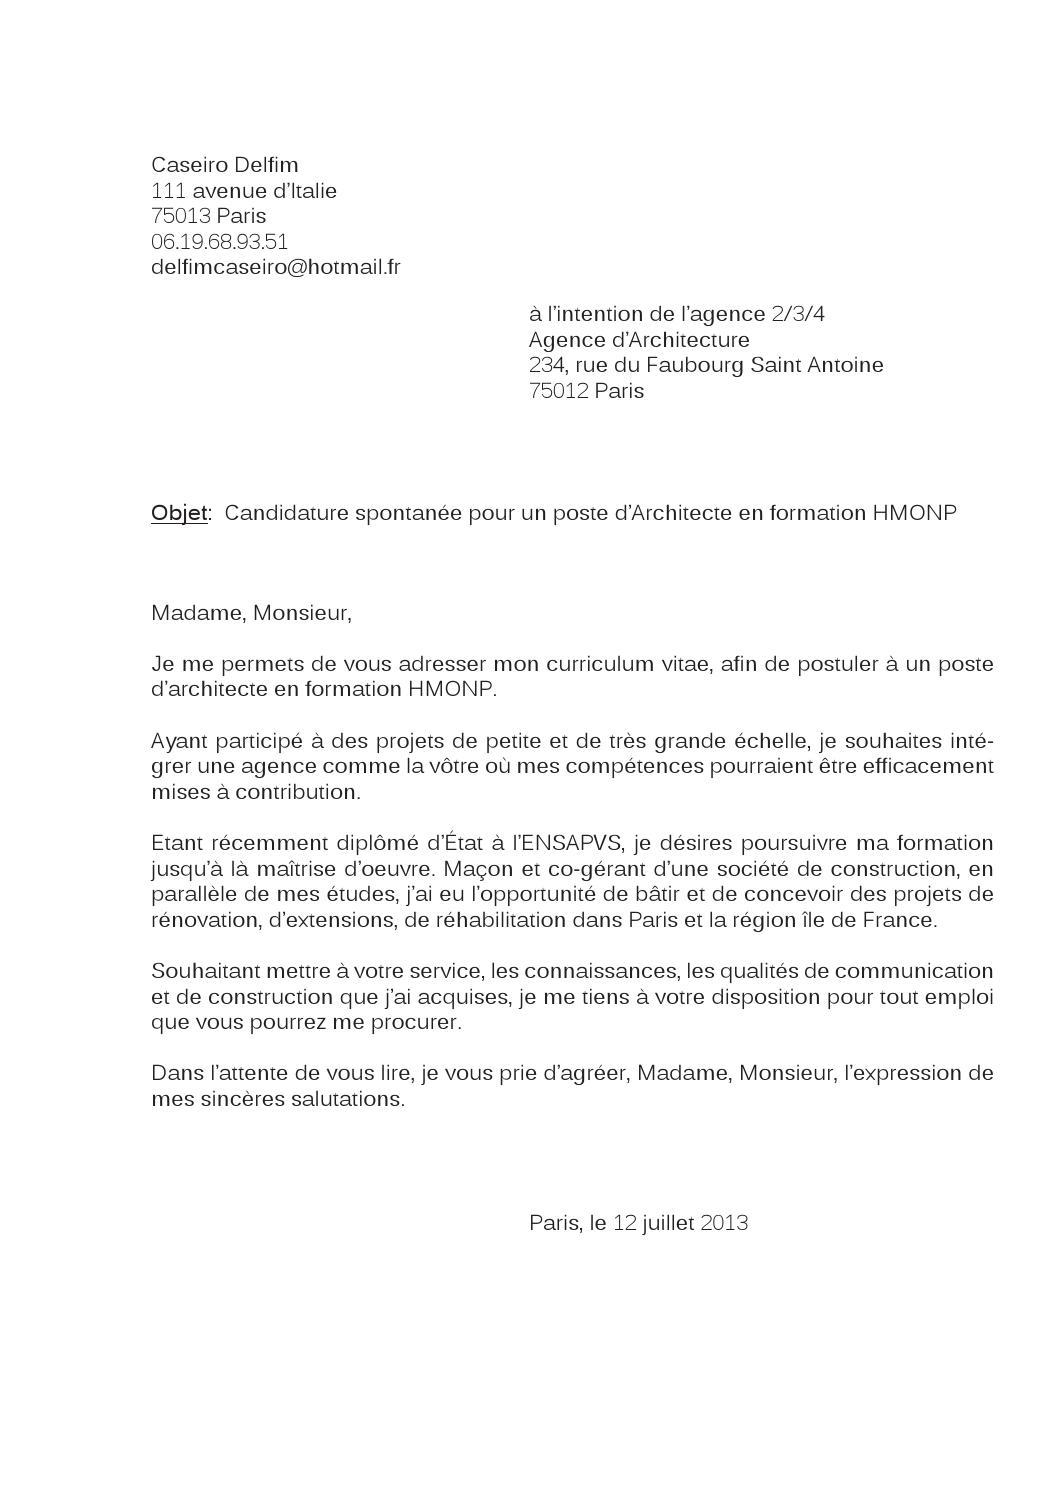 Epub Recemment Diplome Lettre De Motivation